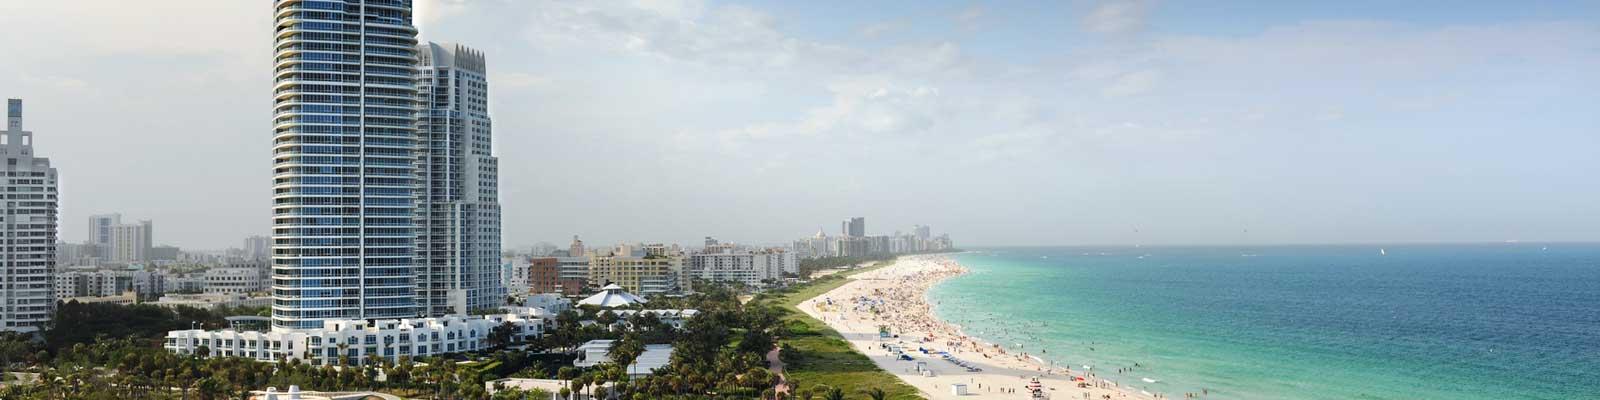 USA Immobilien - Büros, Bauflächen, Hotels - Bauen, Investieren, Mieten